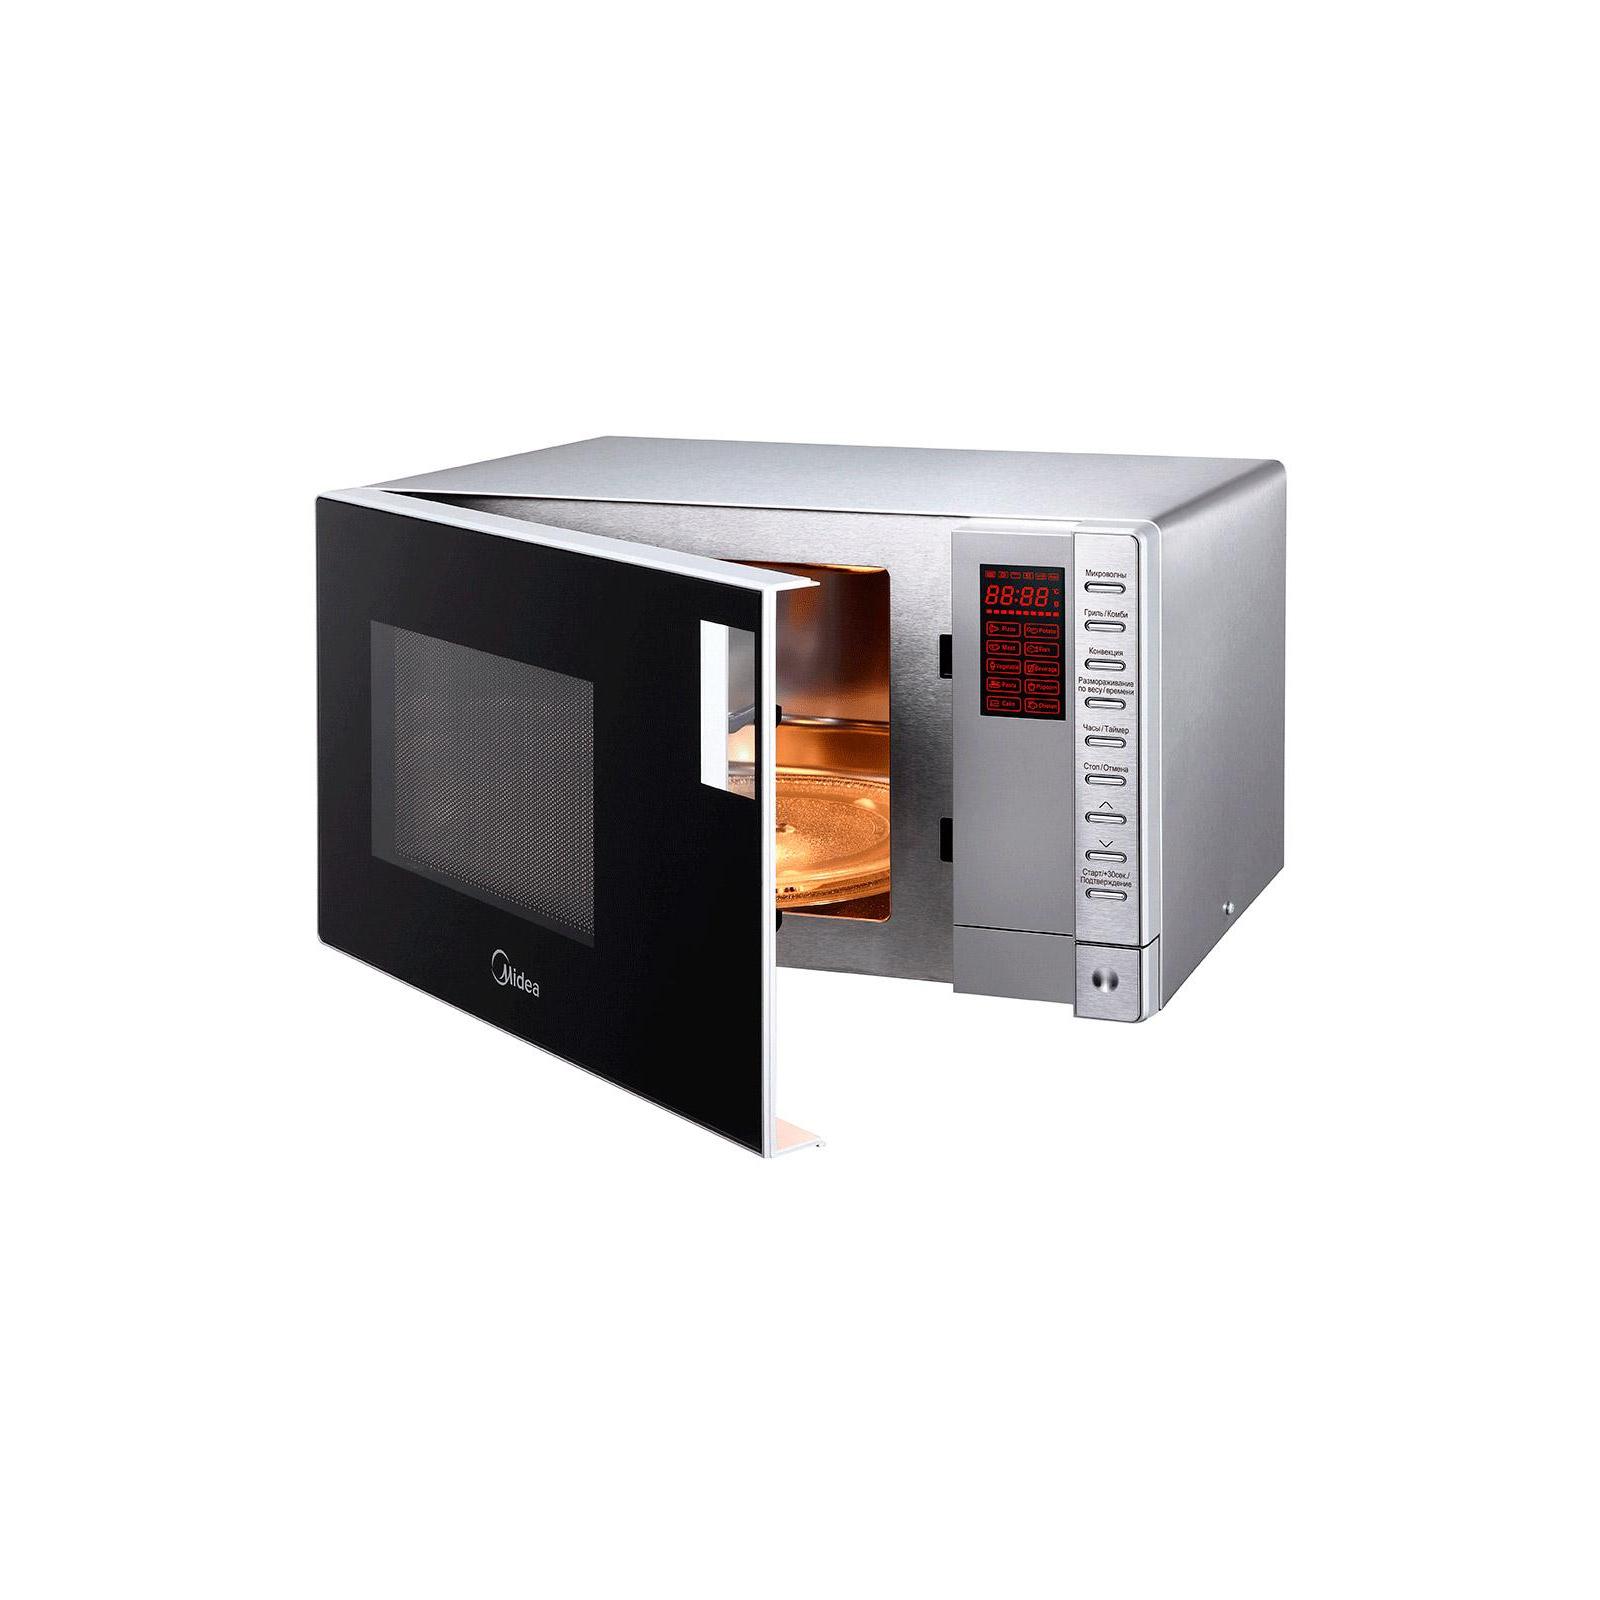 Микроволновая печь MIDEA AW925EXG изображение 3